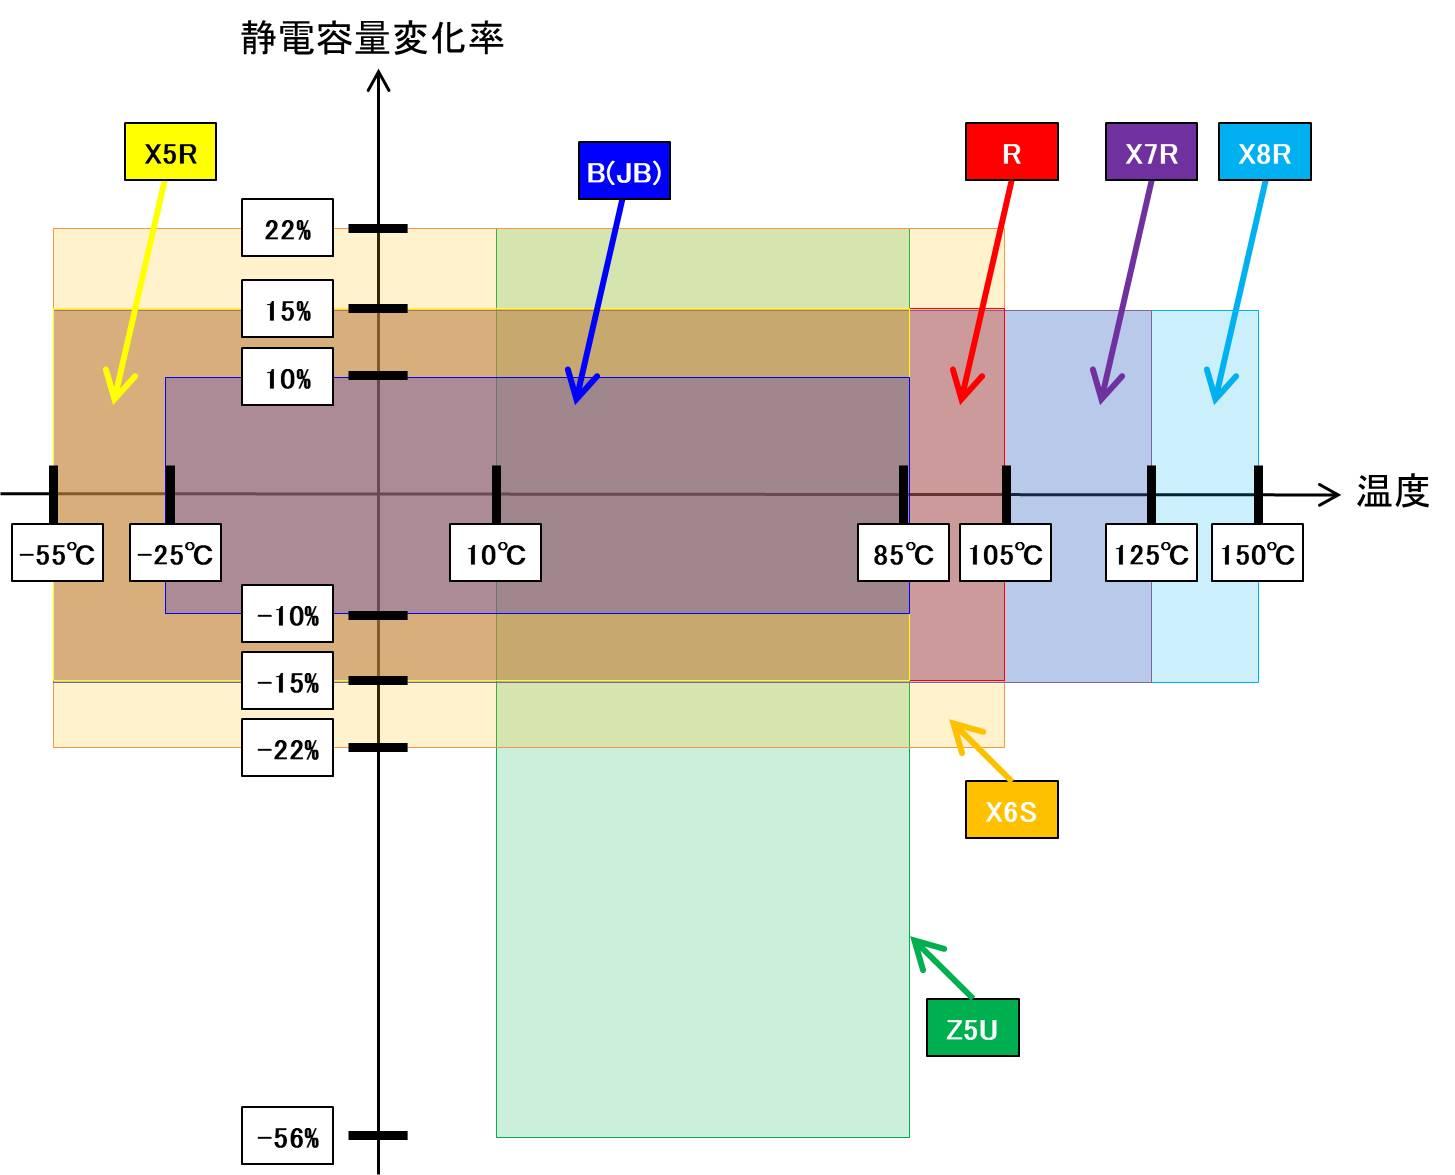 横軸に温度、縦軸に静電容量変化率の範囲を示した結果